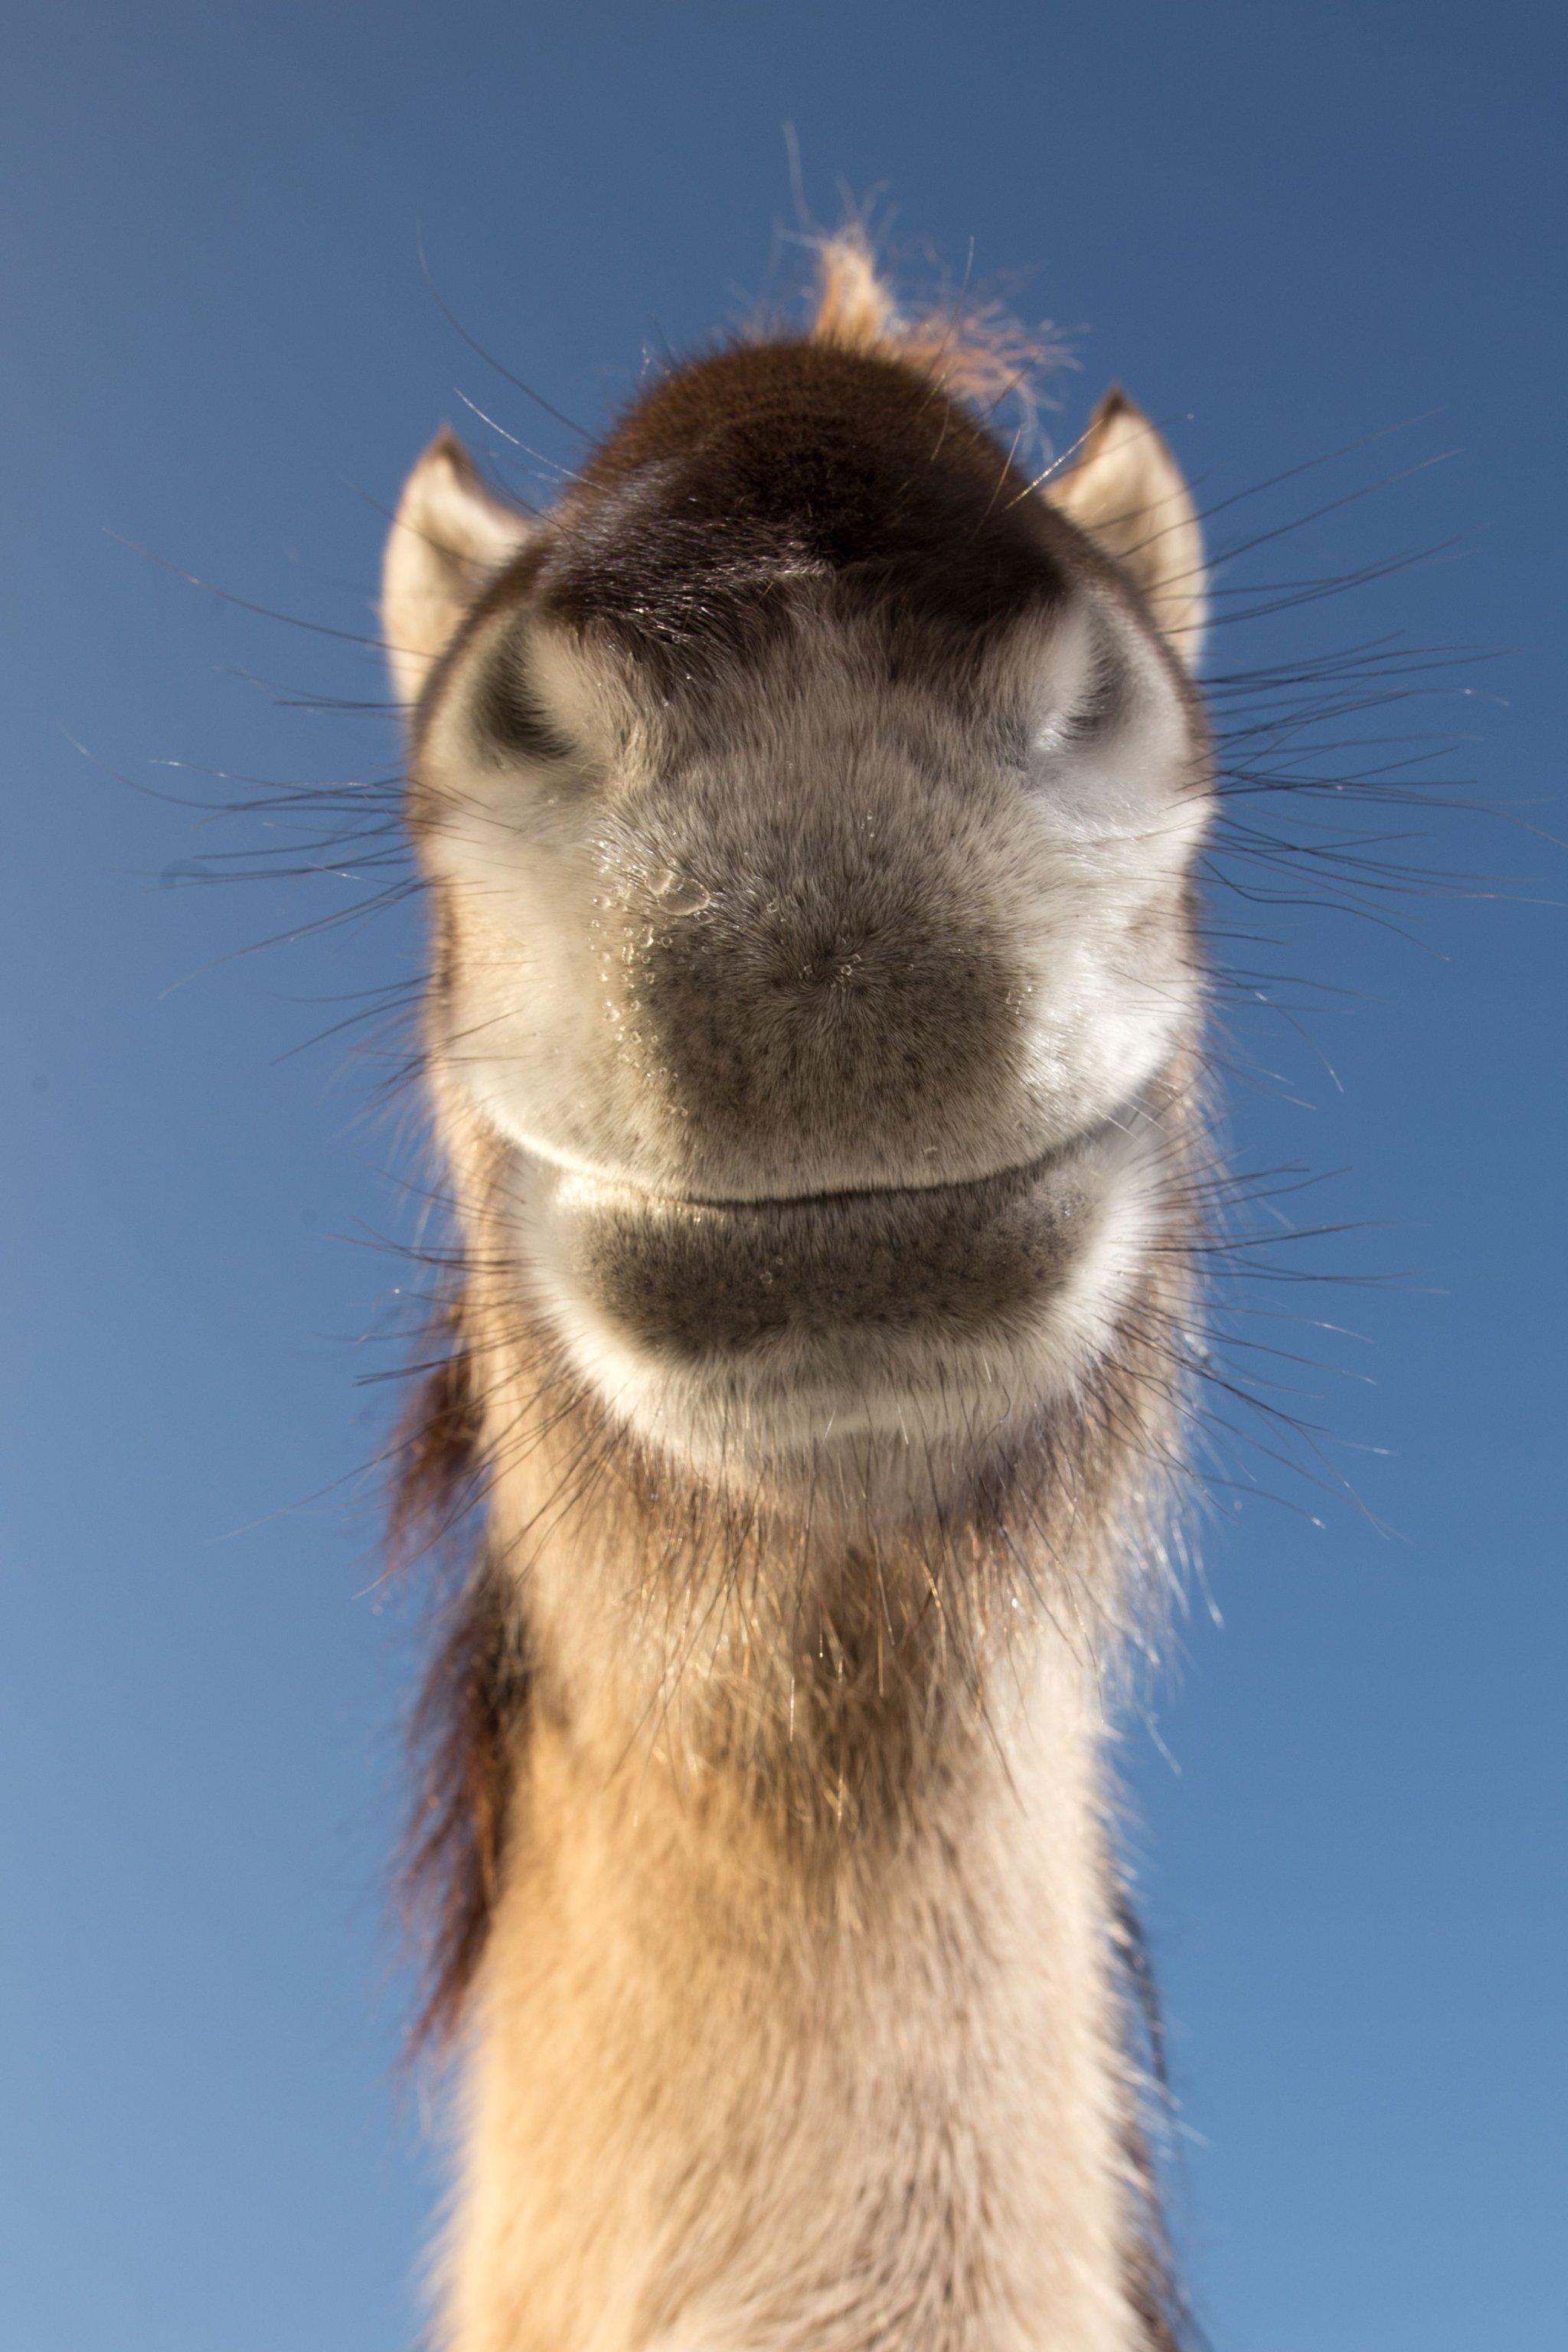 작가가 카메라를 설정하던 중 야생마가 입을 들이밀었다고 한다. 네덜란드 오오지에서 포착됐다. [©Edwin Smits/Comedywildlifephoto.com]